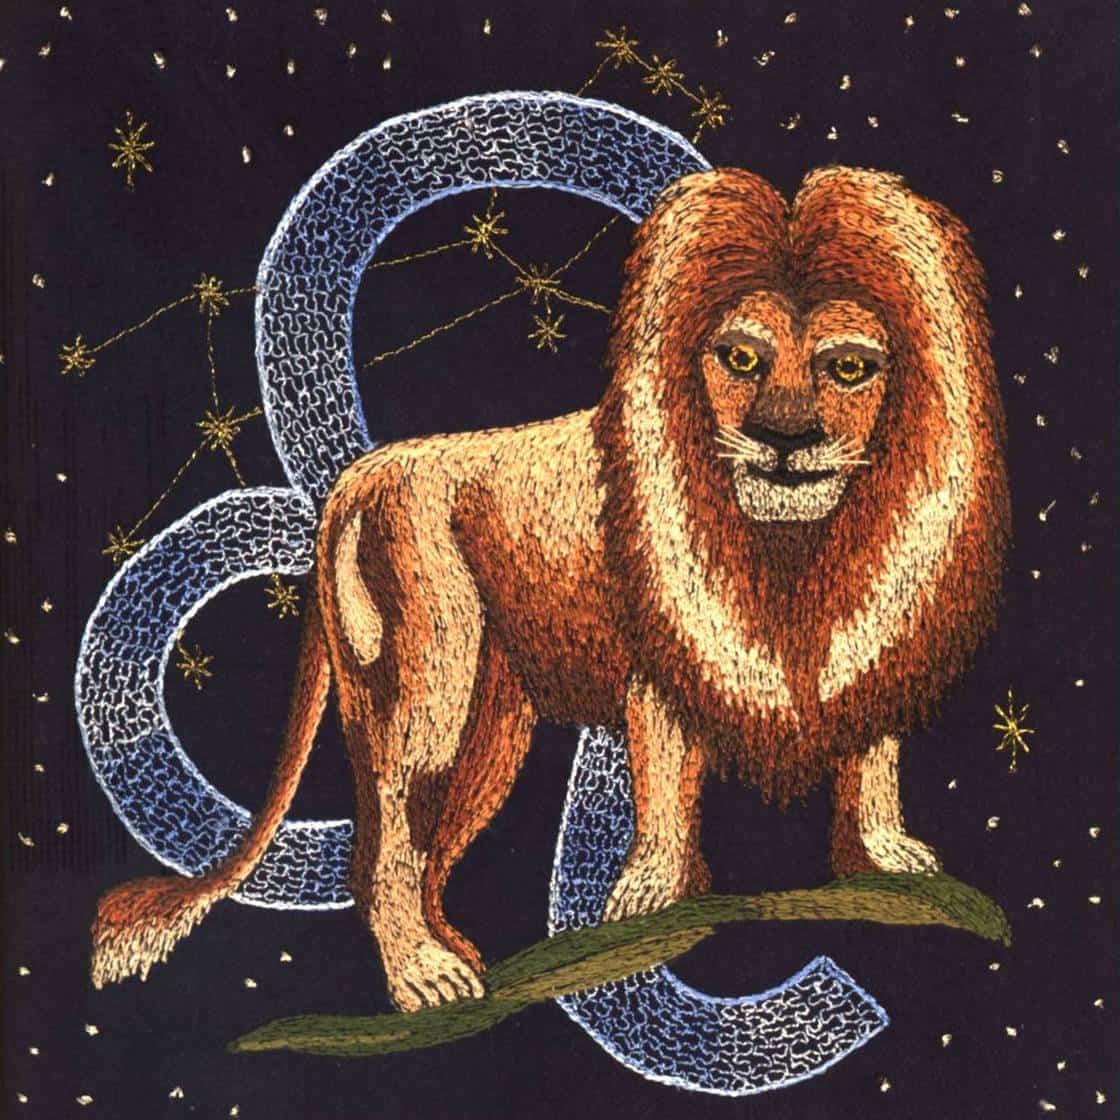 Гороскоп для Льва на Март 2019 года - чего ждать от звёзд